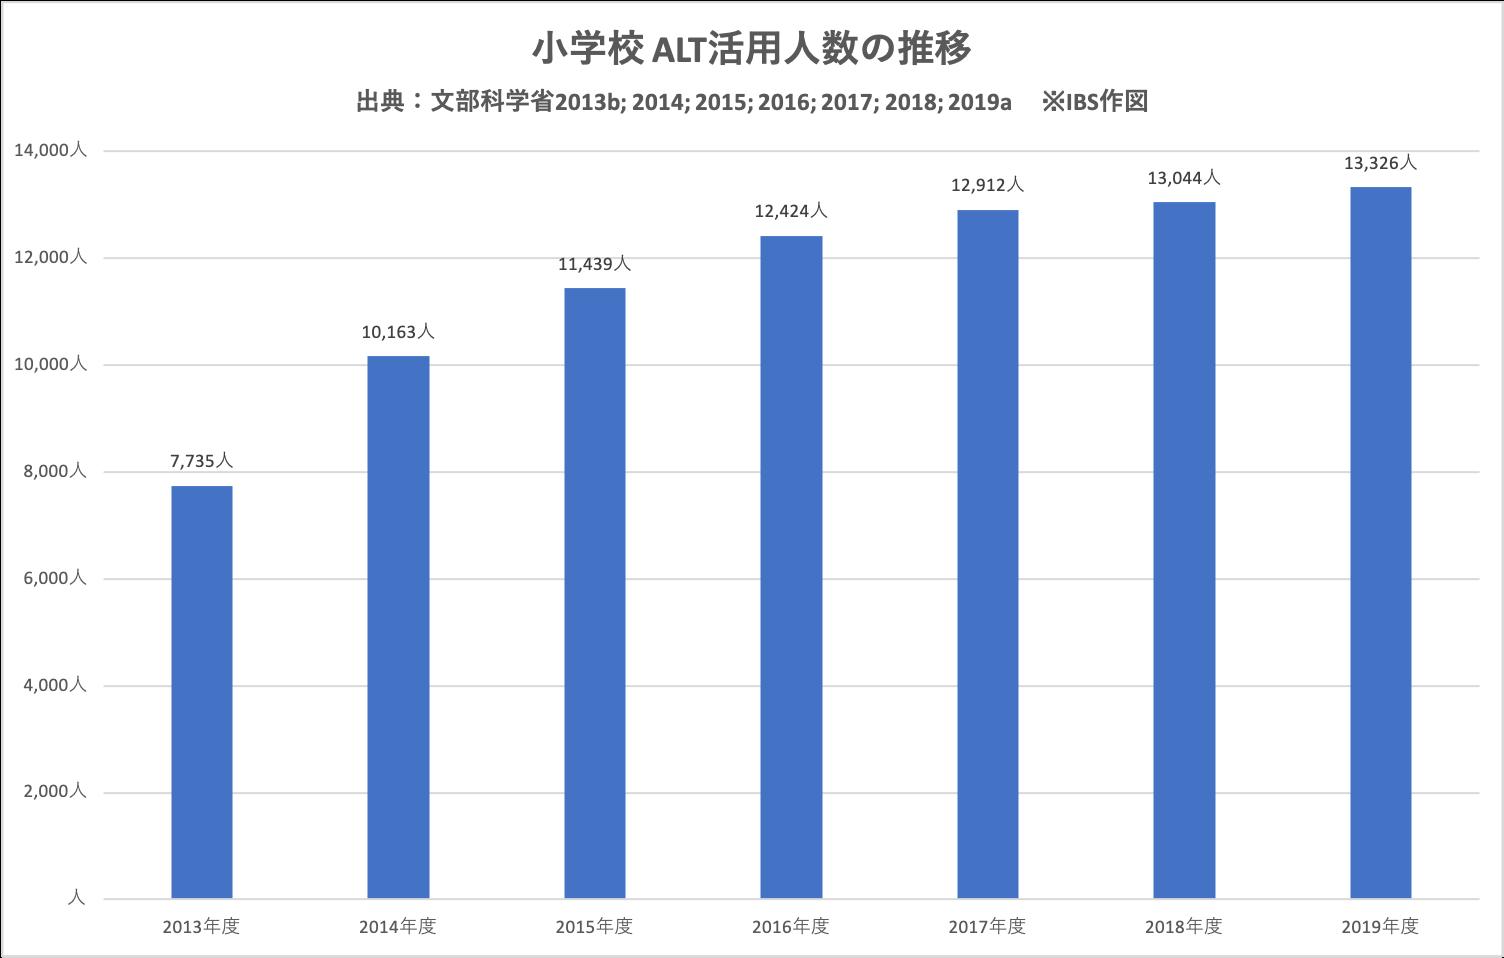 グラフ ALT活用人数の推移(文部科学省統計データより)